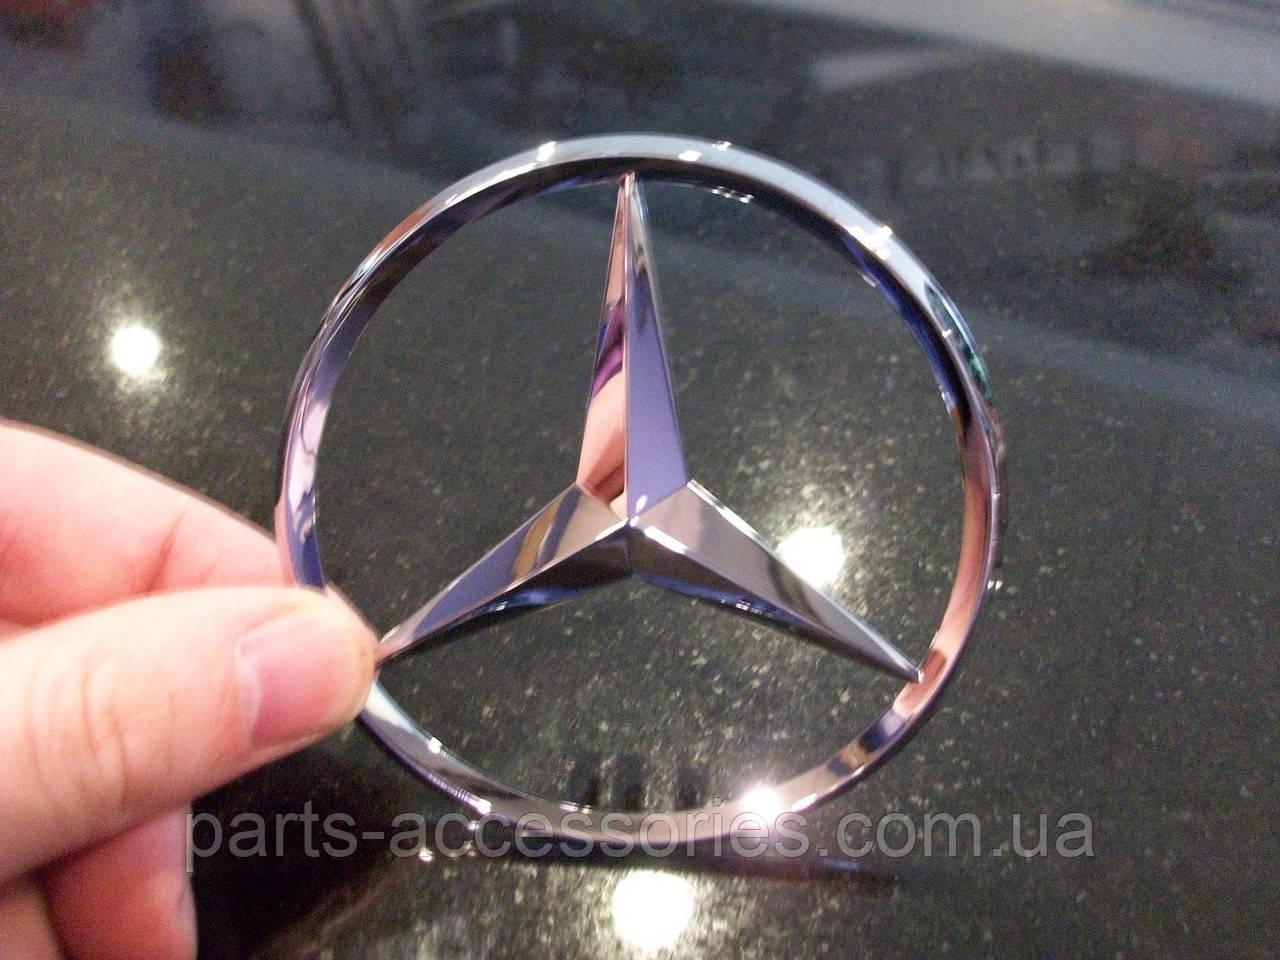 Mercedes SLK-Class R171 2004-2012 эмблема значок на багажник новый оригинальный